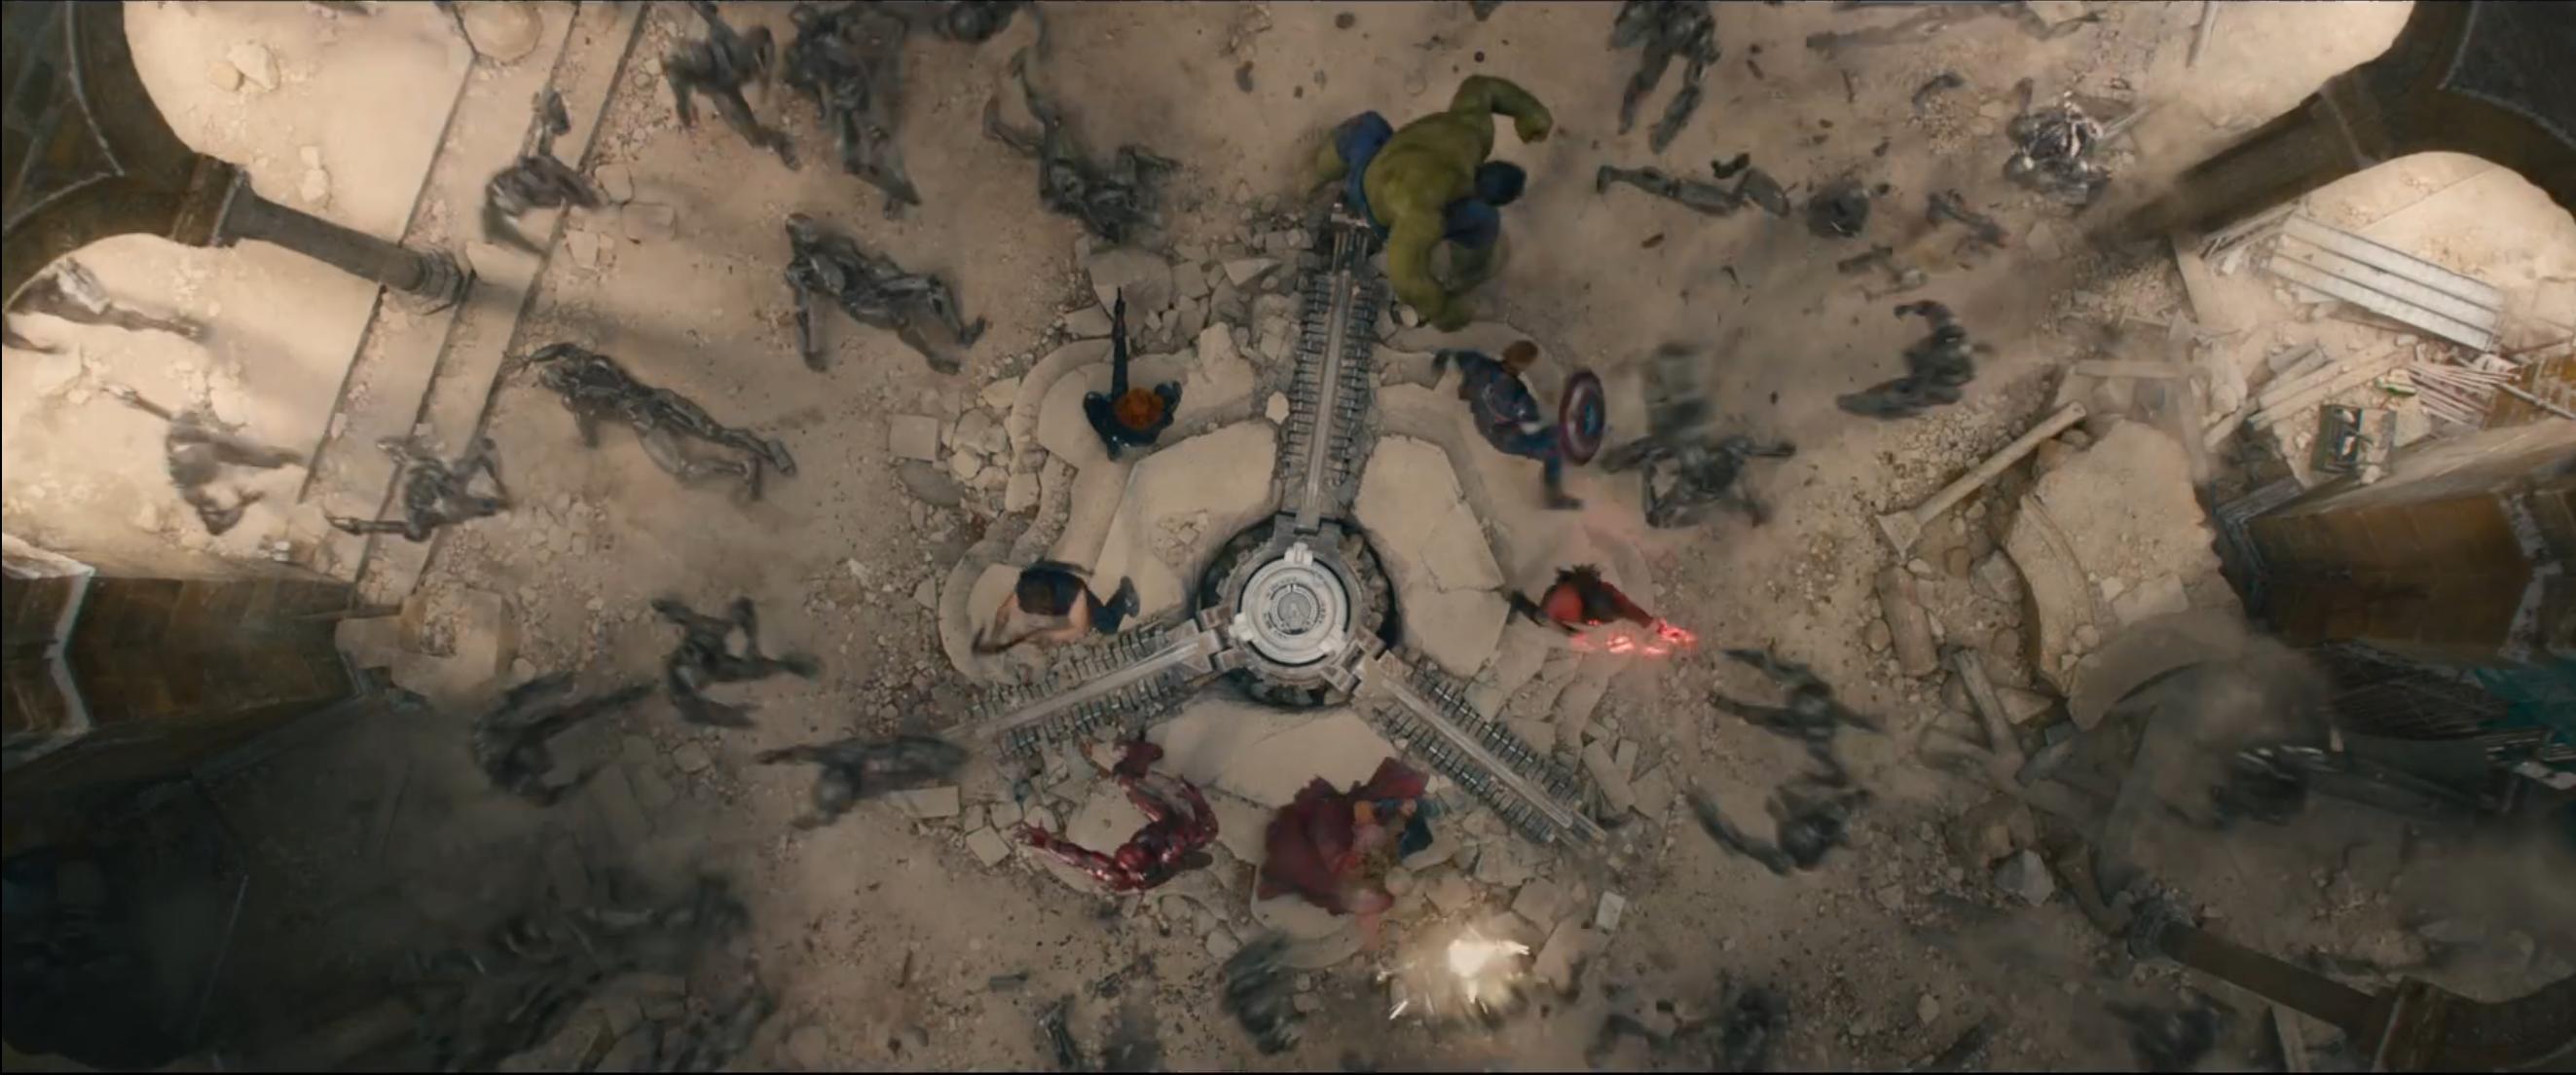 Avengers: Age of Ultron - I Vendicatori impegnati in battaglia dal trailer finale